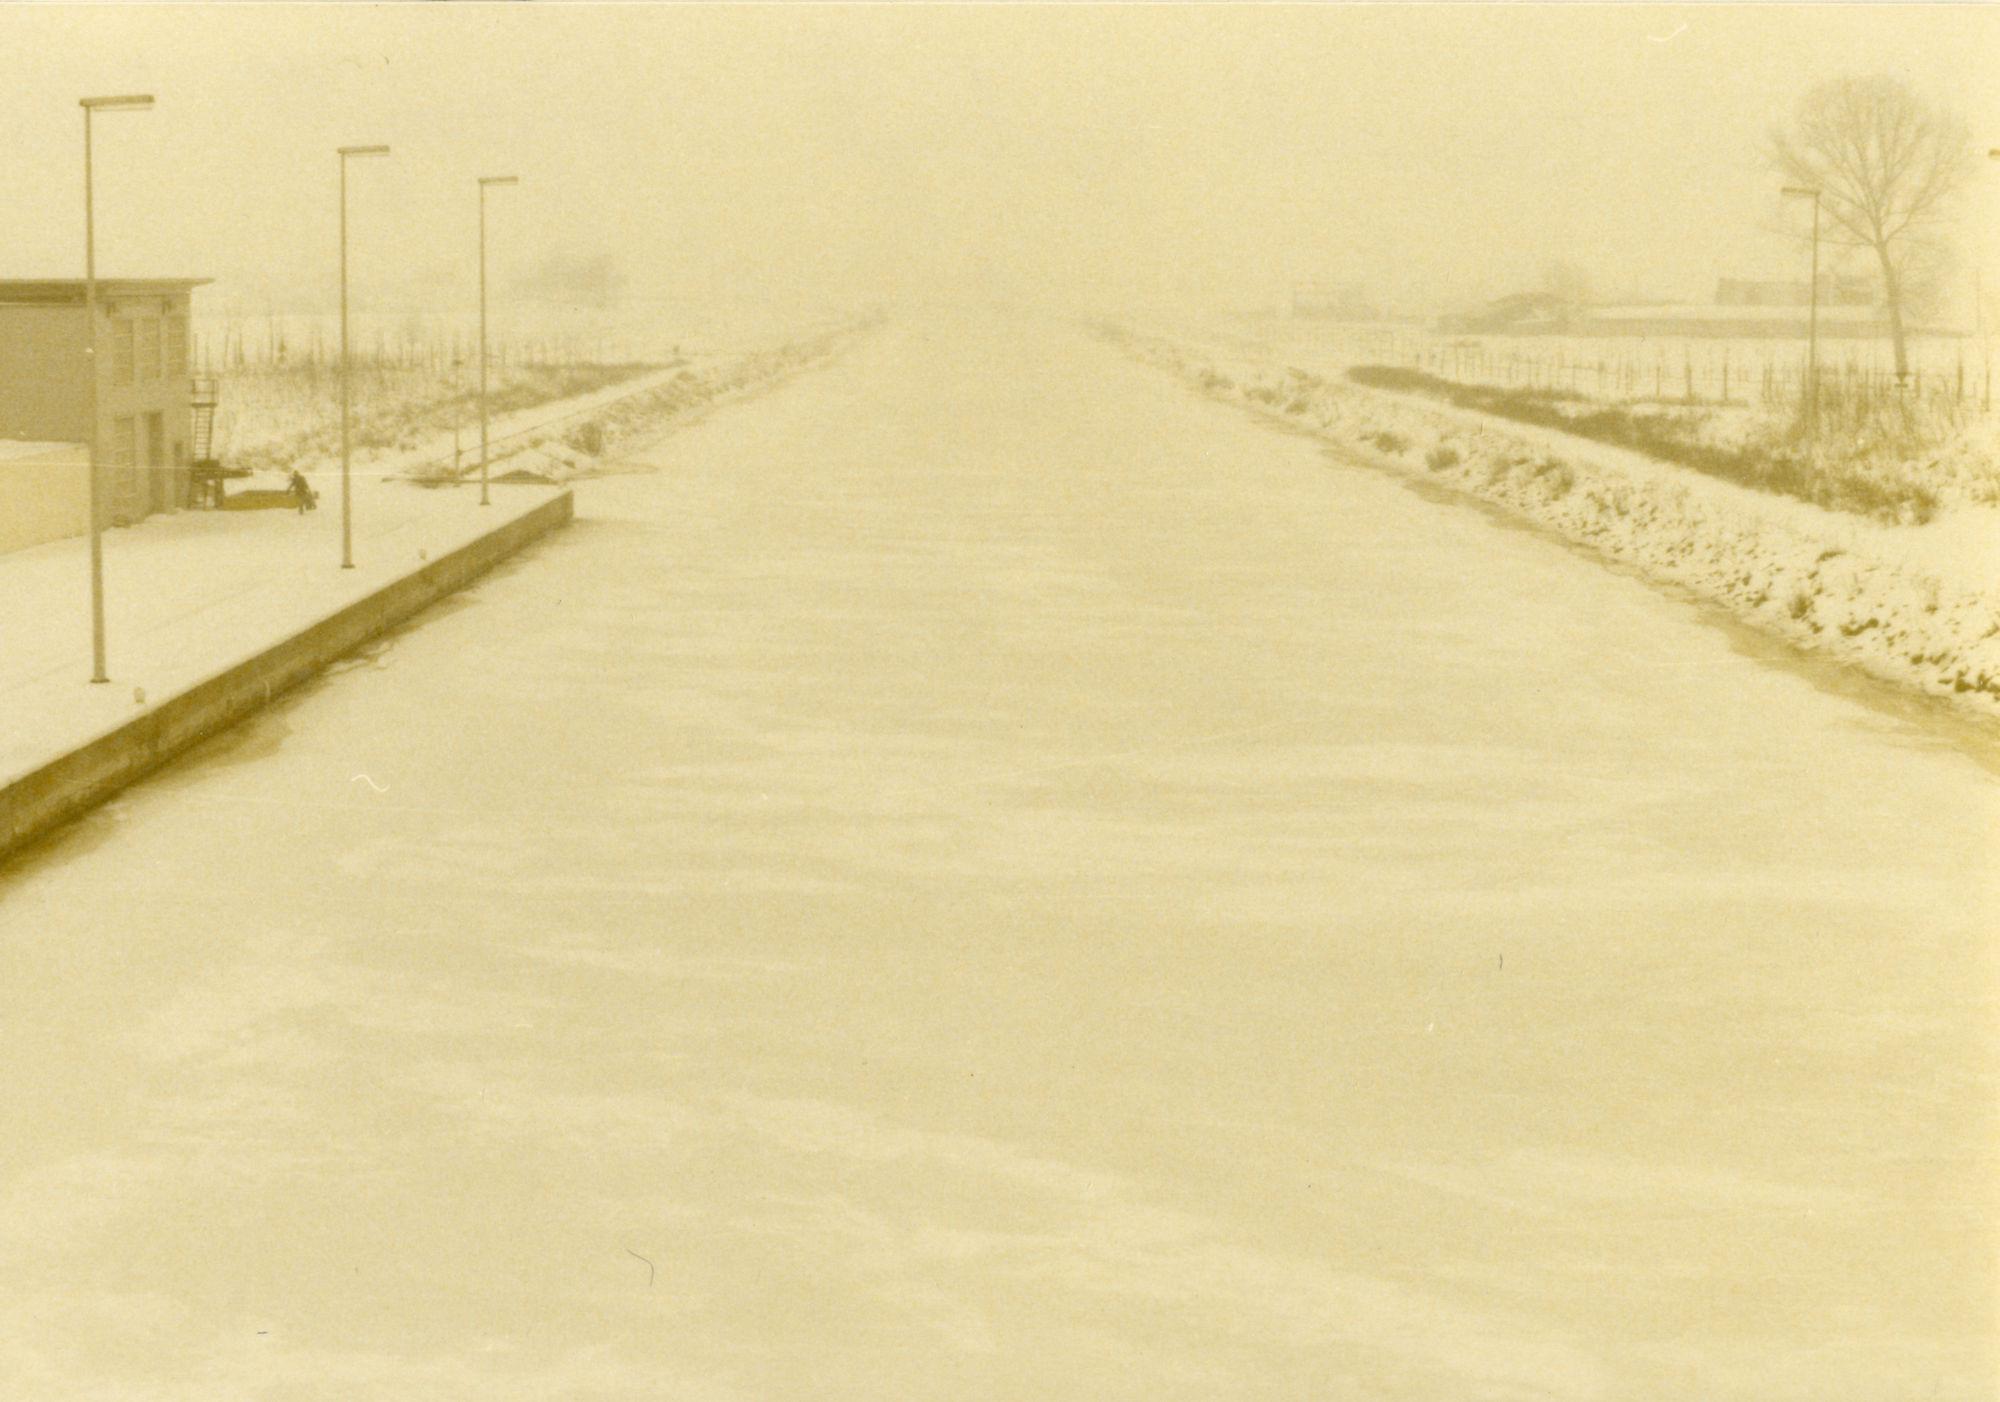 Ijsvorming op kanaal Bossuit-Kortrijk aan de sluis te Moen 1985